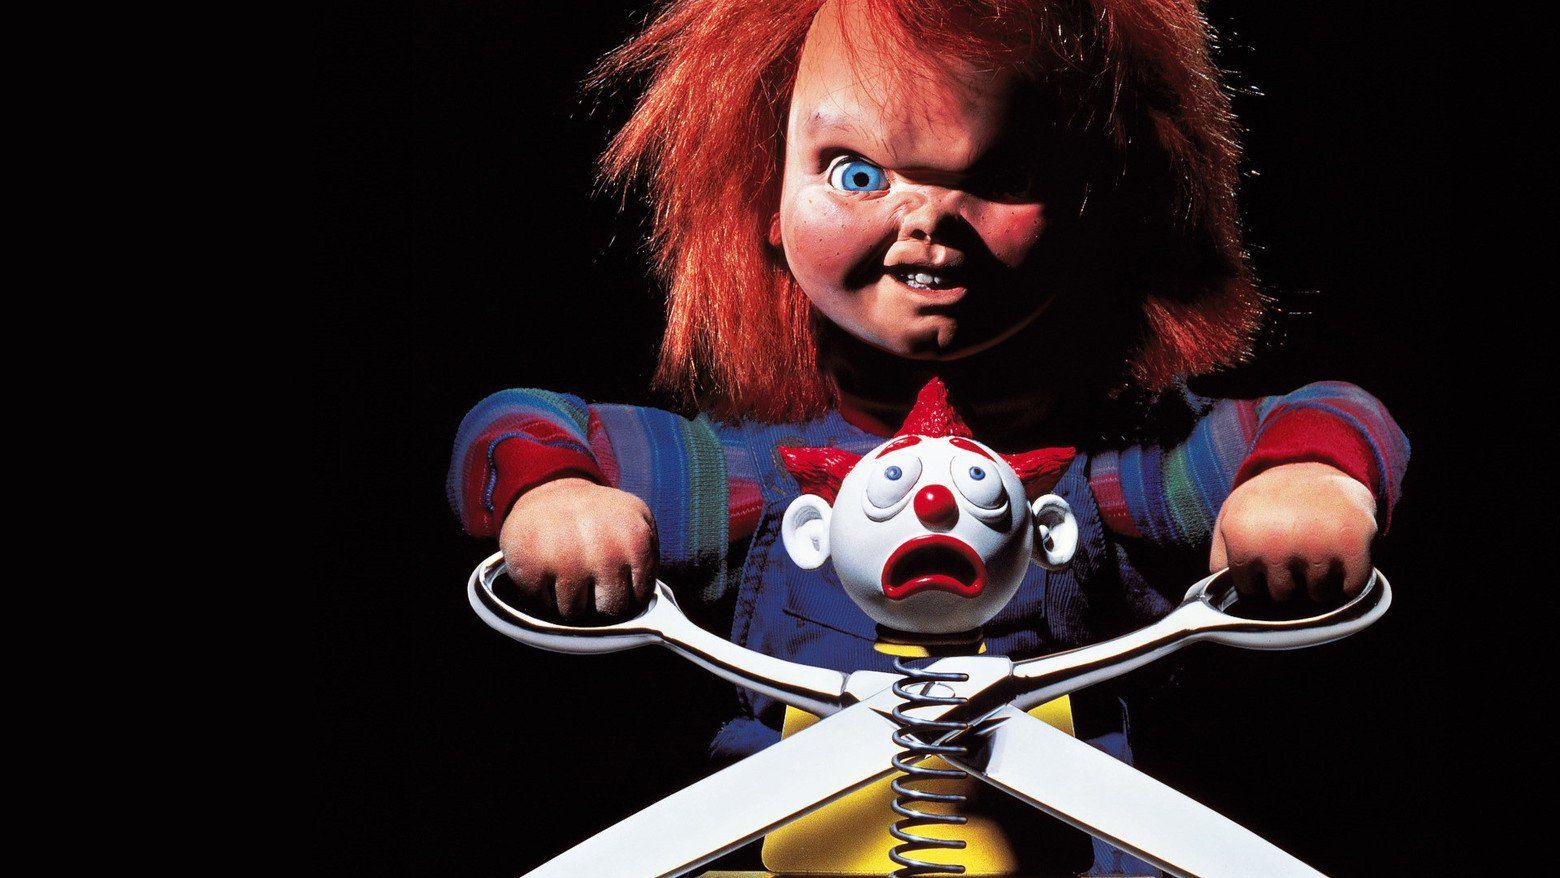 Jack Boneco Assassino Simple o próximo filme do boneco assassino (o culto de chucky) promete